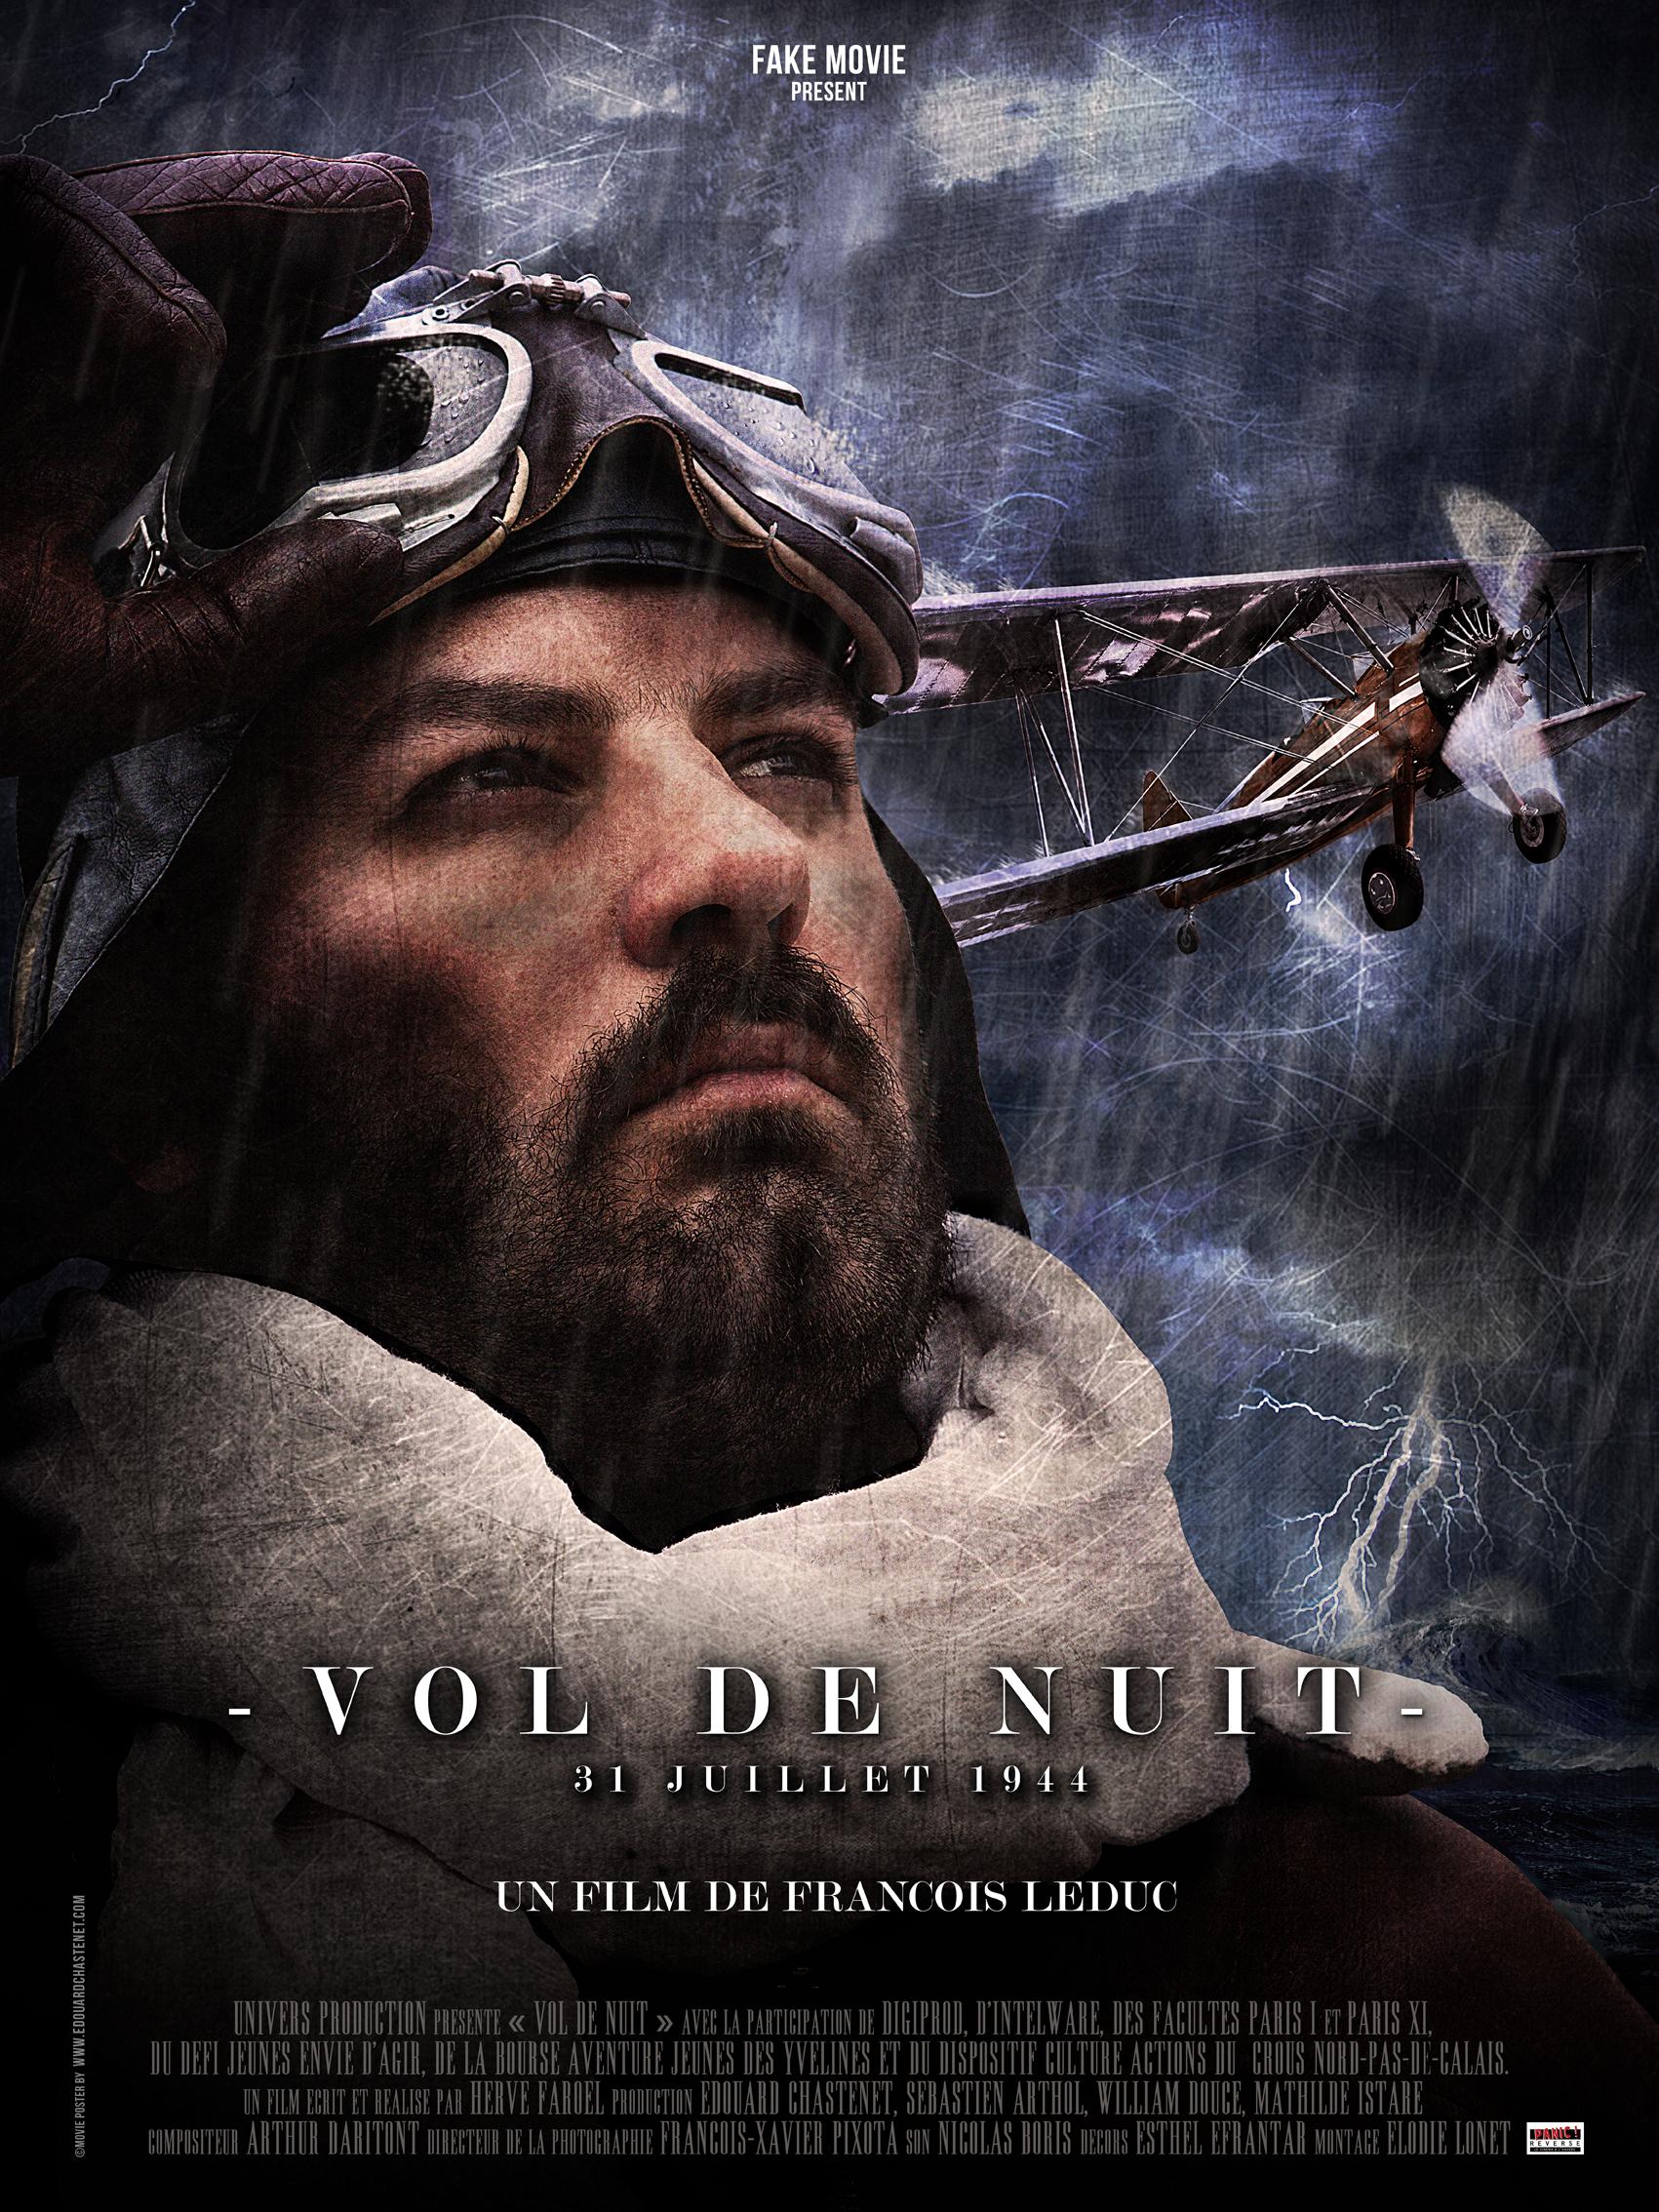 Vol_de_nuit 1 - Edouard Chastenet